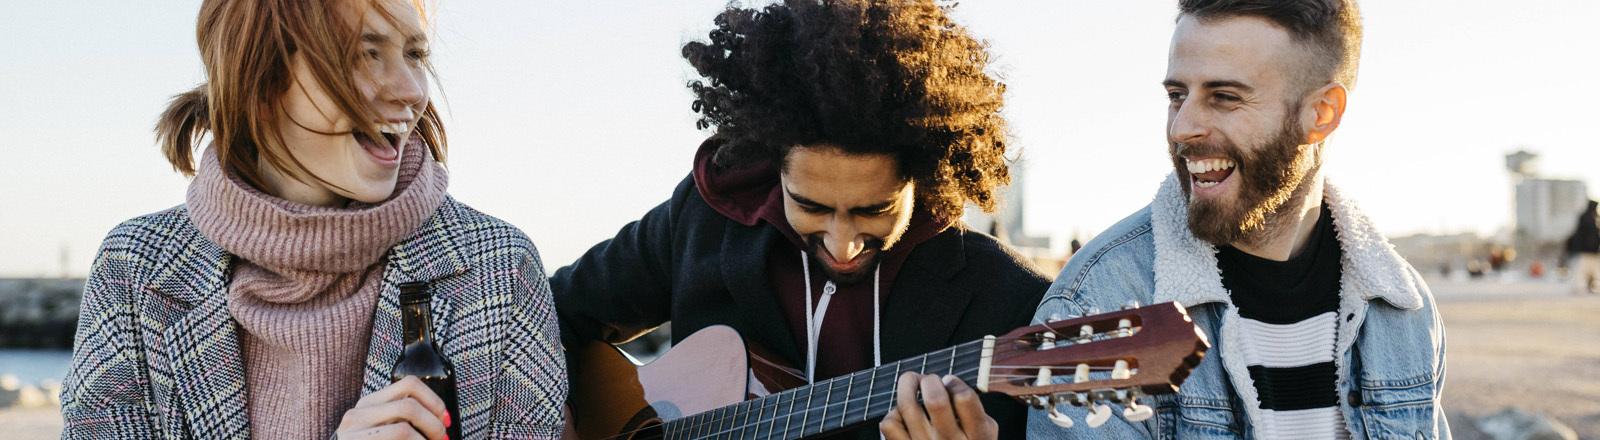 Drei junge Leute lachen mit Gitarre